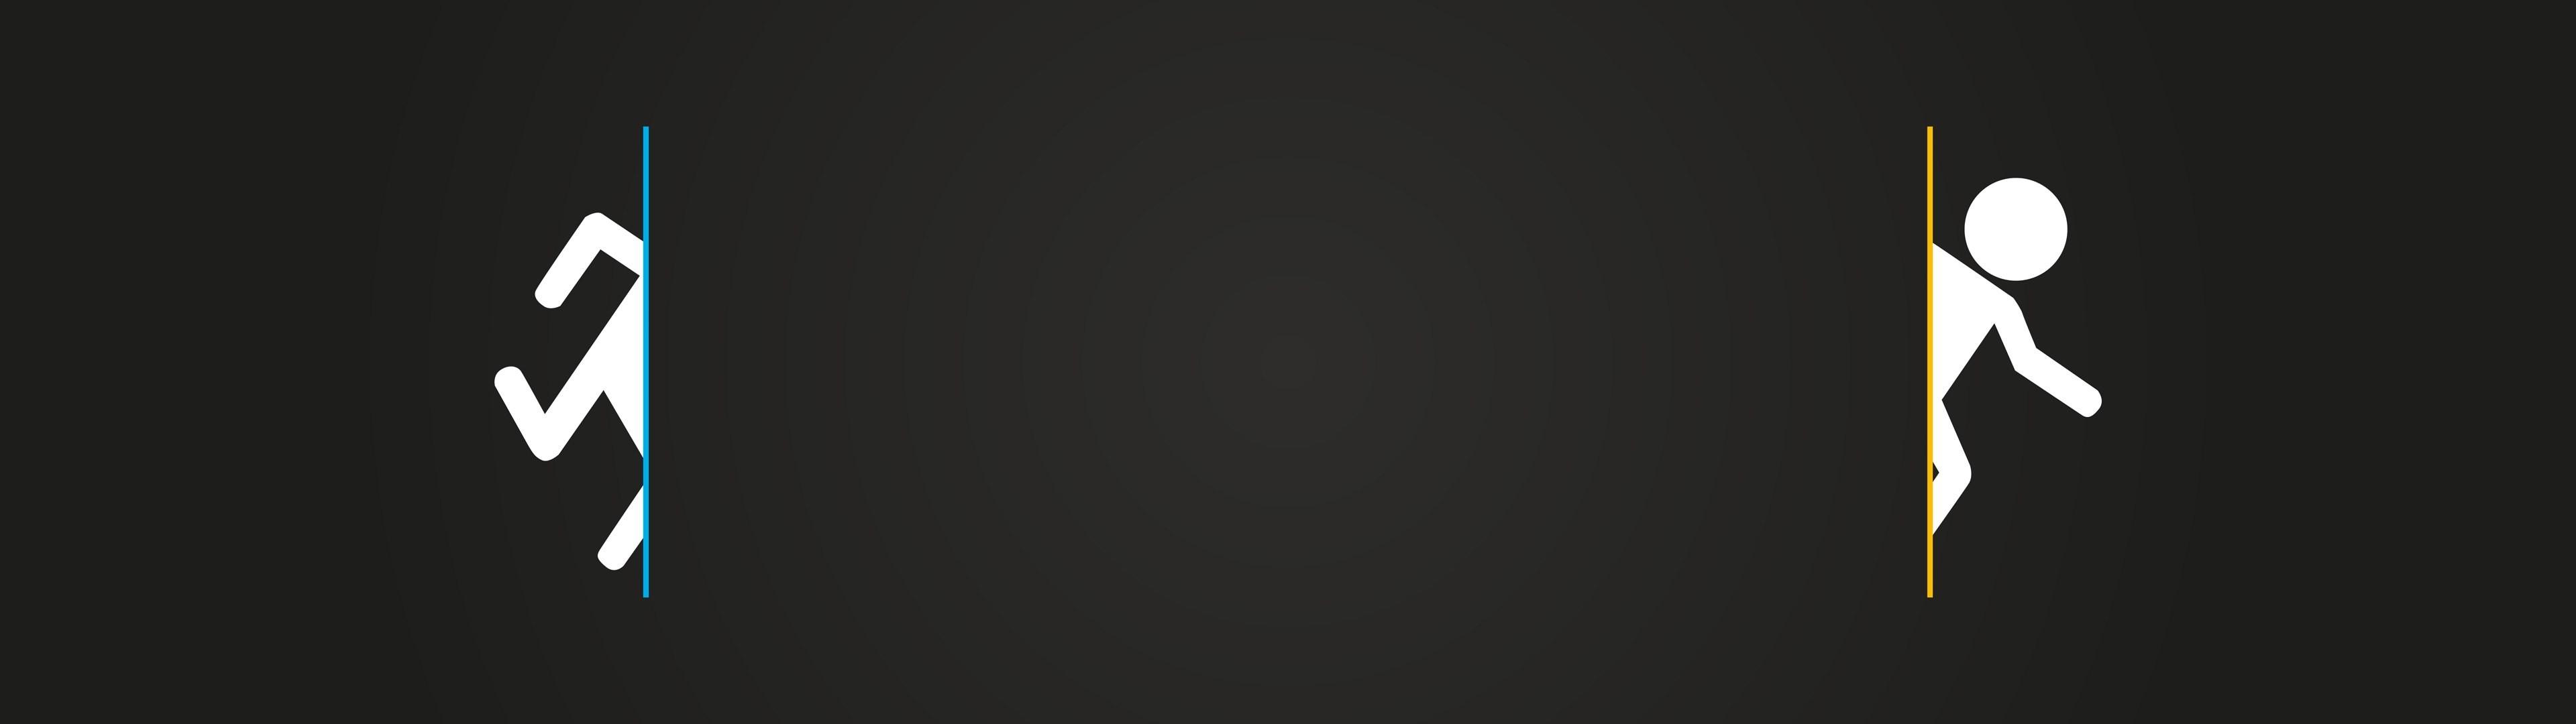 … 3840 x 1080 dual screen wallpaper wallpapersafari …